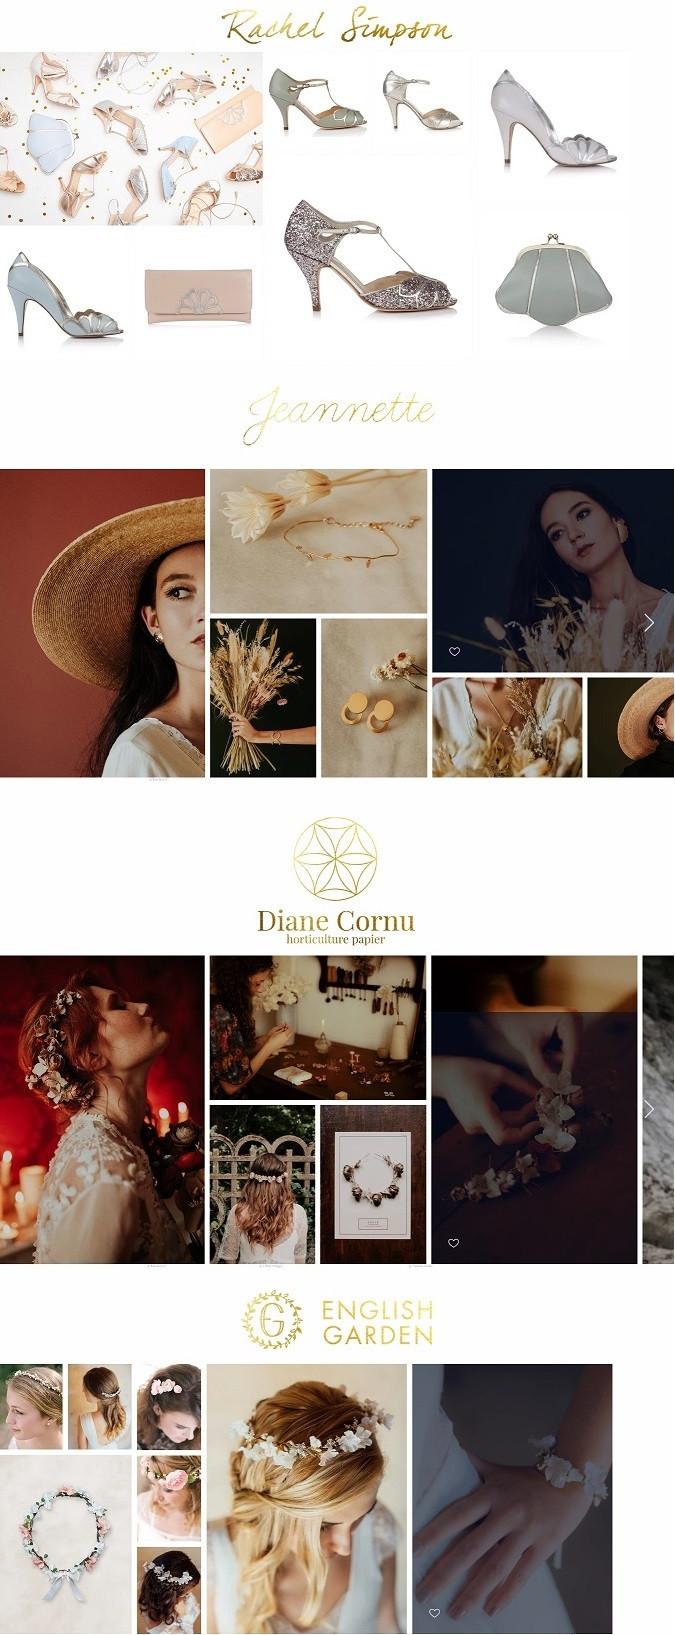 accessoires mariée robe de mariée toulouse plumetis rachel simpson jeannette diane cornu